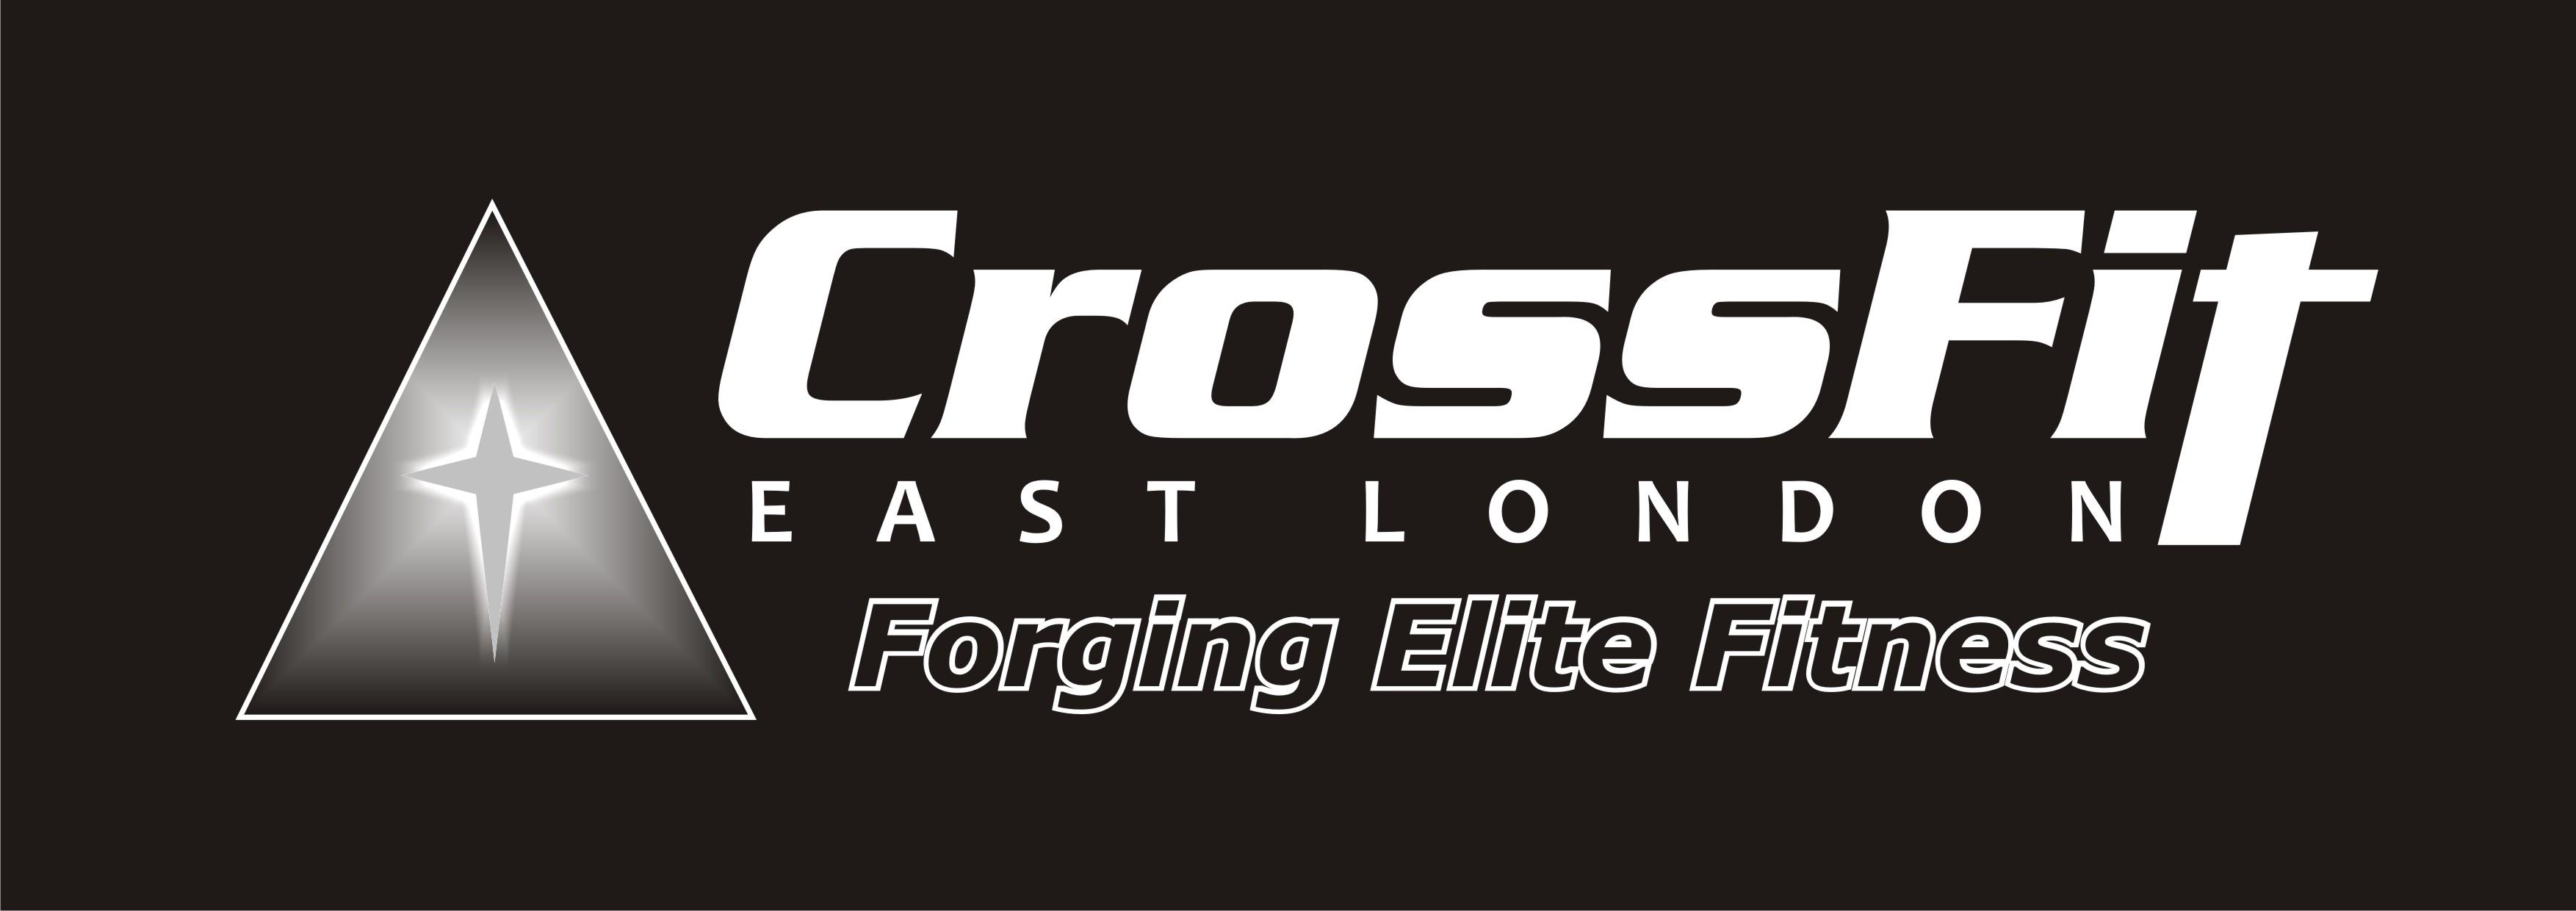 Crossfit East London